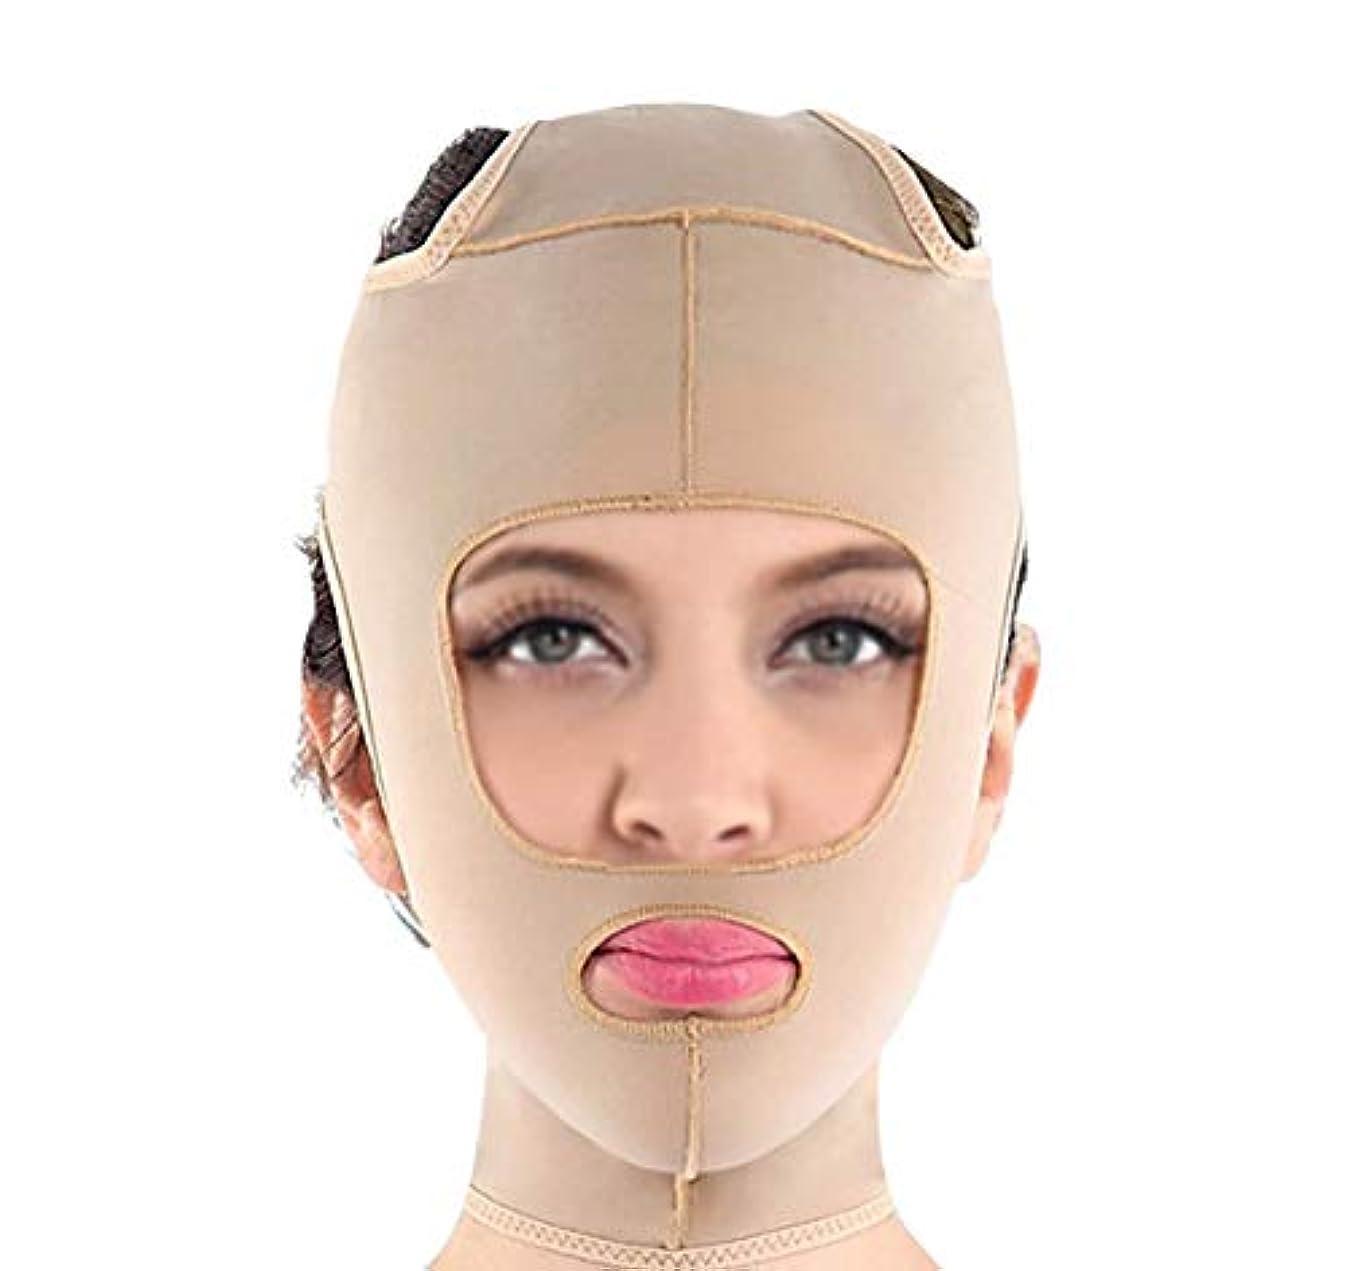 盲信文ヘア包帯vフェイス楽器フェイスマスクマジックフェイスフェイシャル引き締めフェイシャルマッサージフェイシャルリンクルリフティング引き締めプラスチックマスク(サイズ:Xl),M